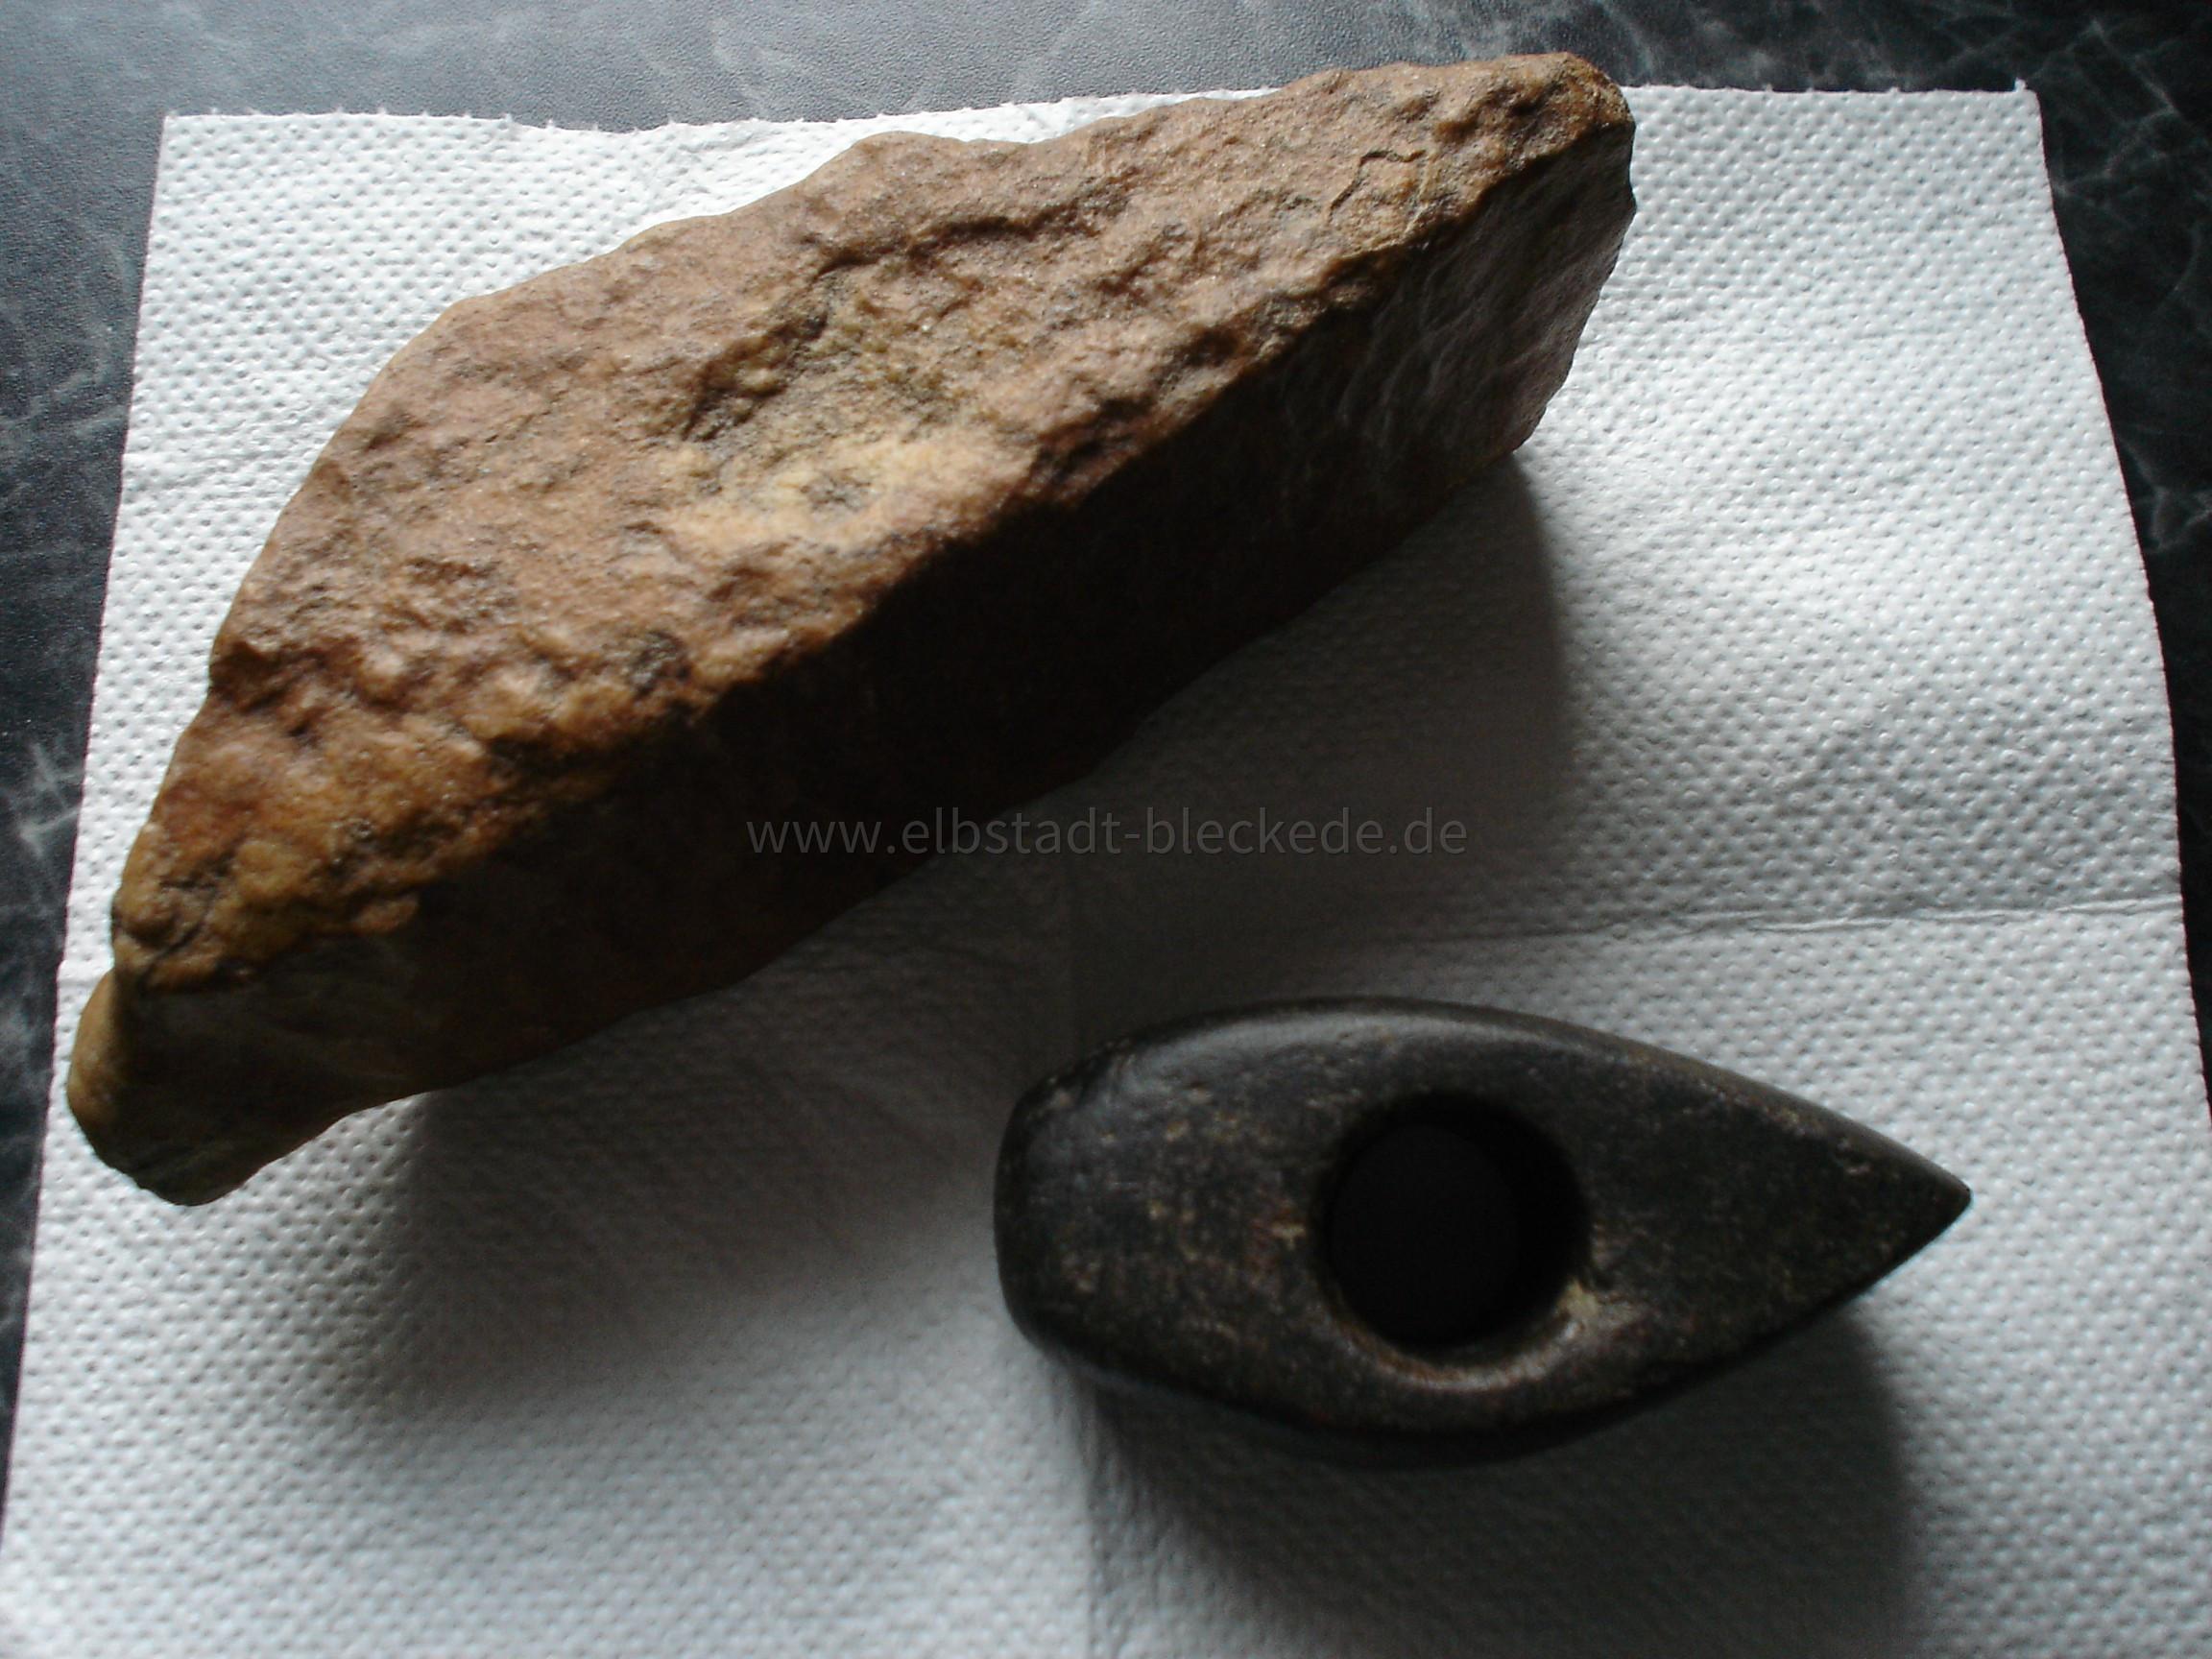 Steinzeitbeil und Steinzeitbeilrohling ca. 6000 jahre alt.